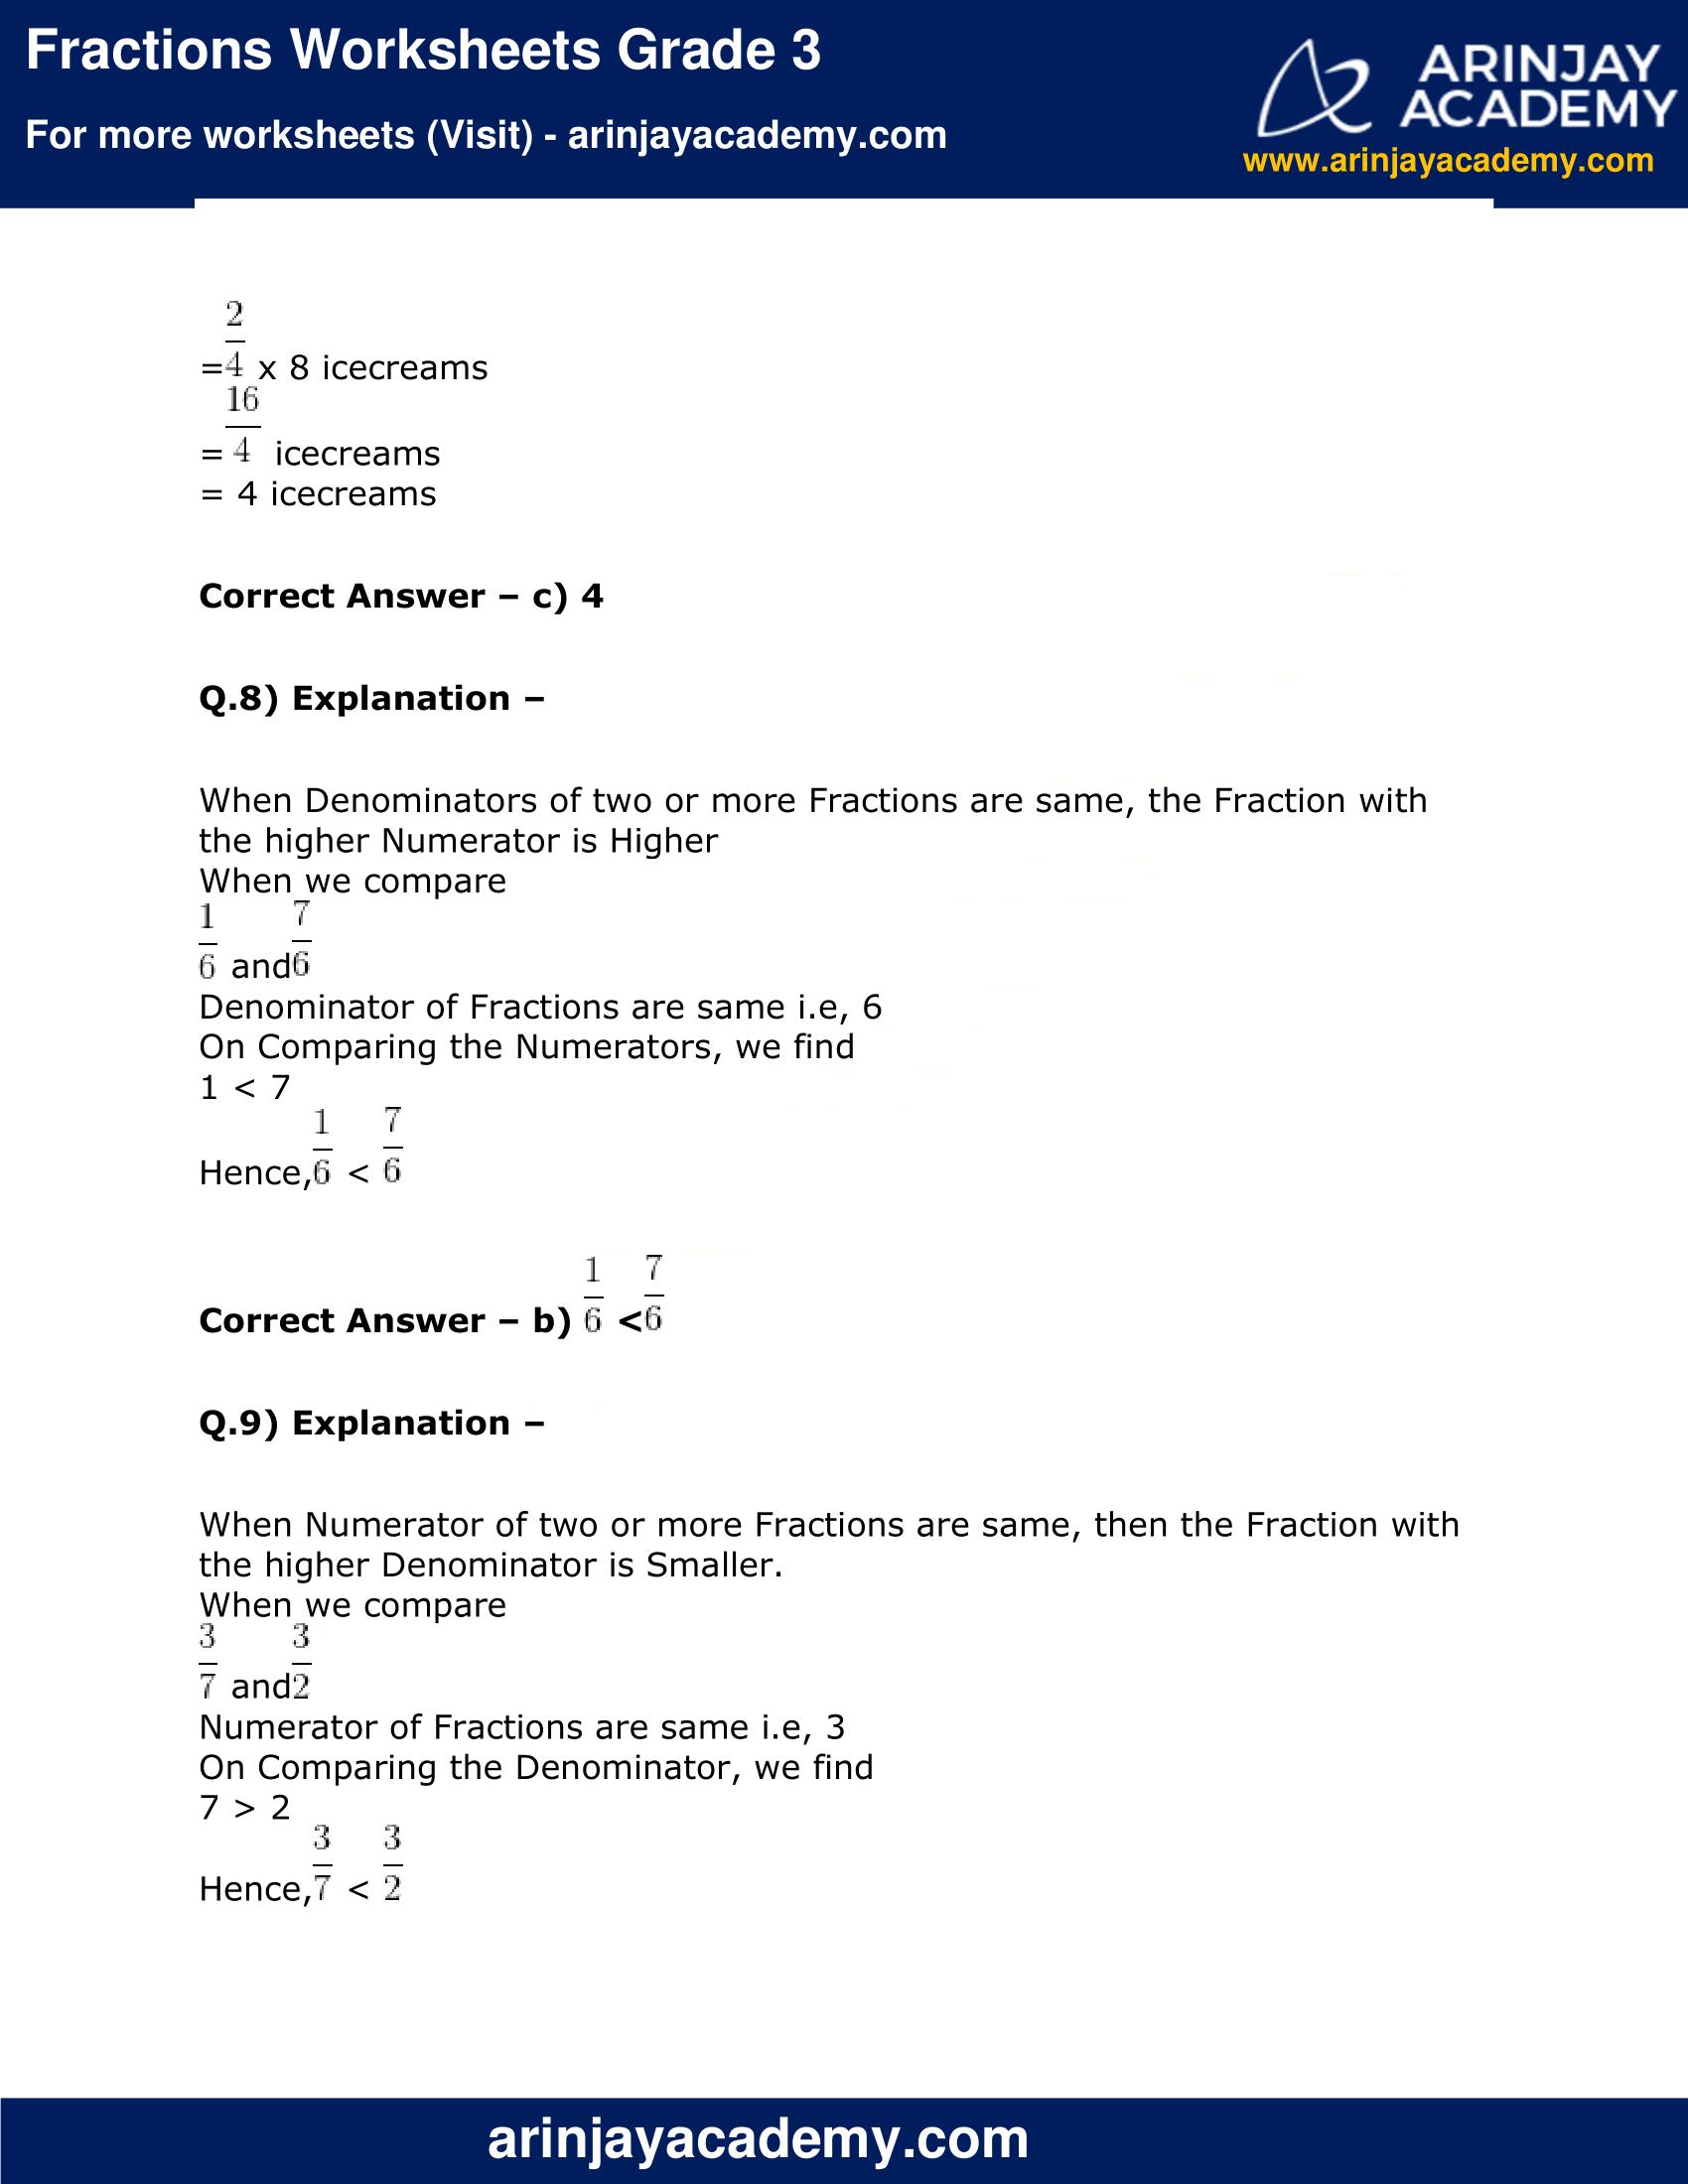 Fractions Worksheets Grade 3 image 6